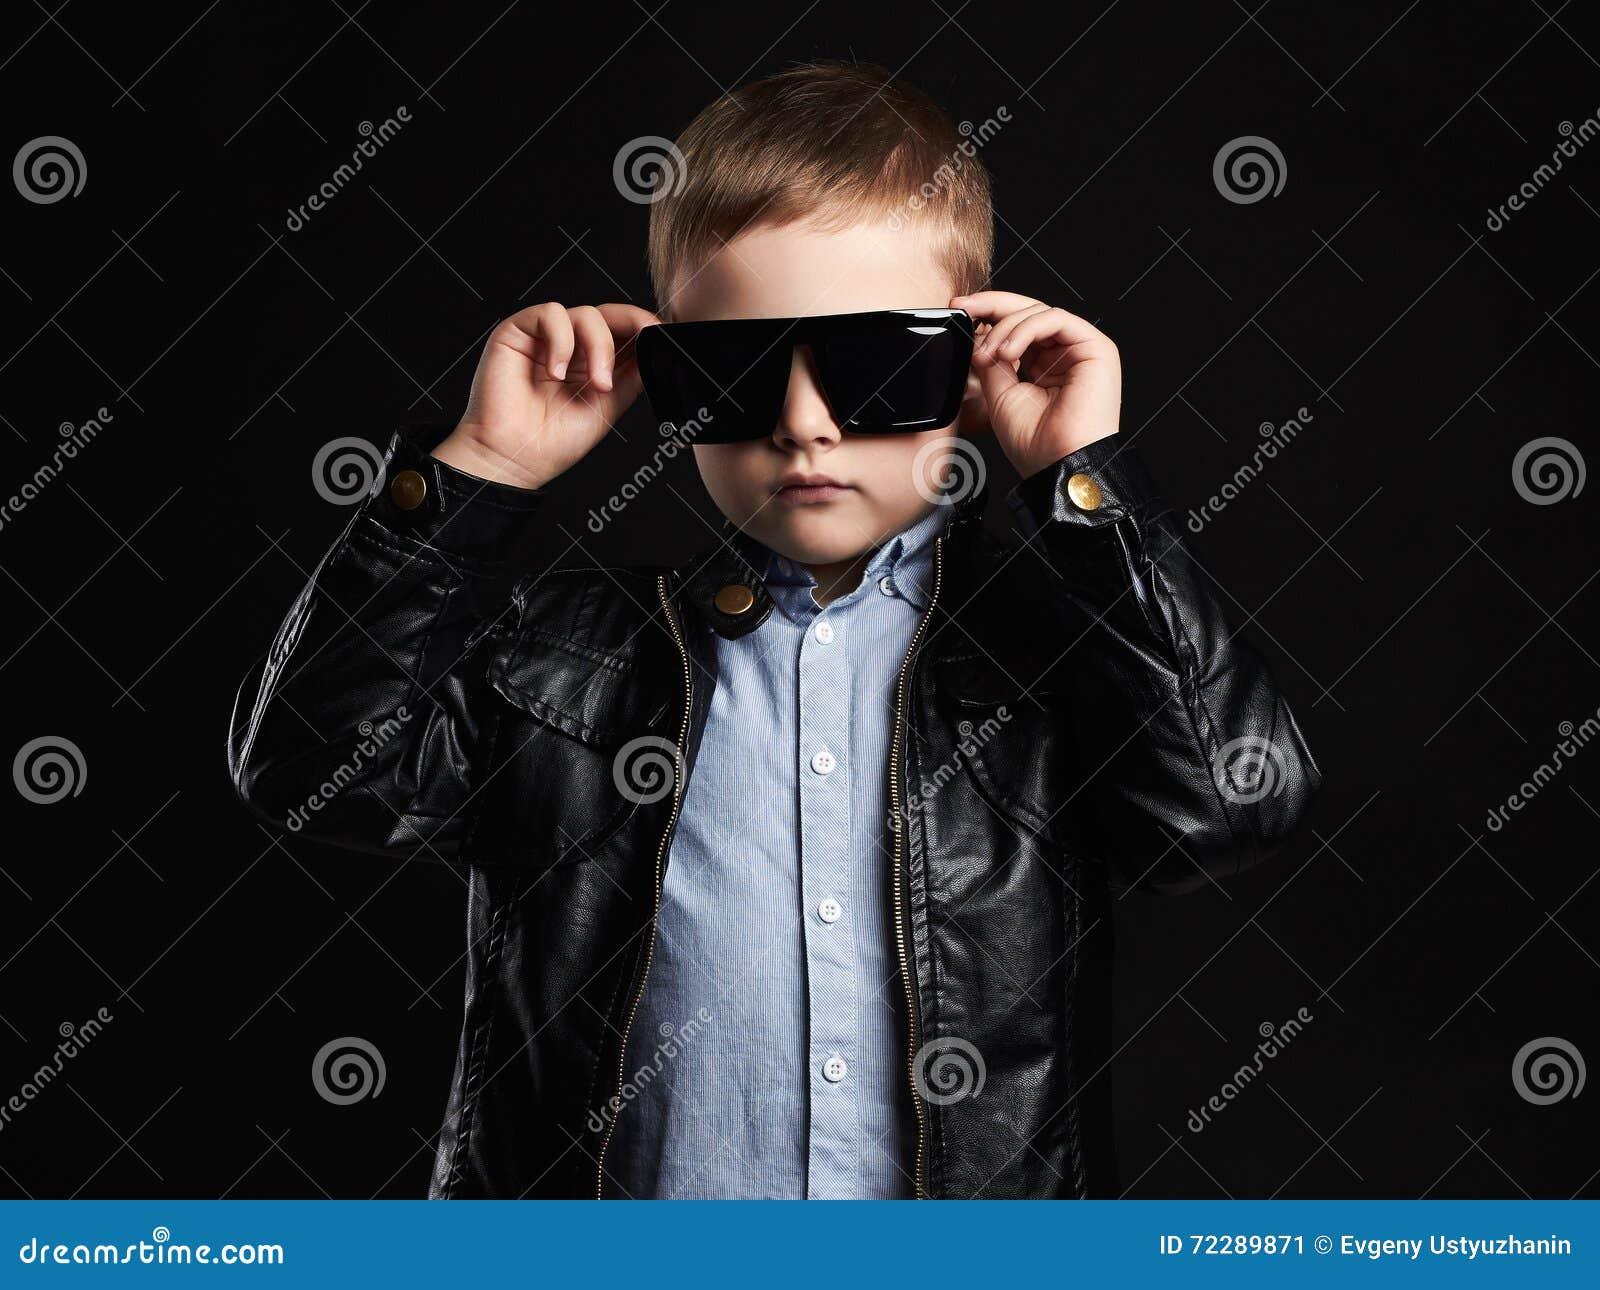 Download Ребенок в солнечных очках модный красивый мальчик в коже Стоковое Изображение - изображение насчитывающей добросердечно, blondish: 72289871